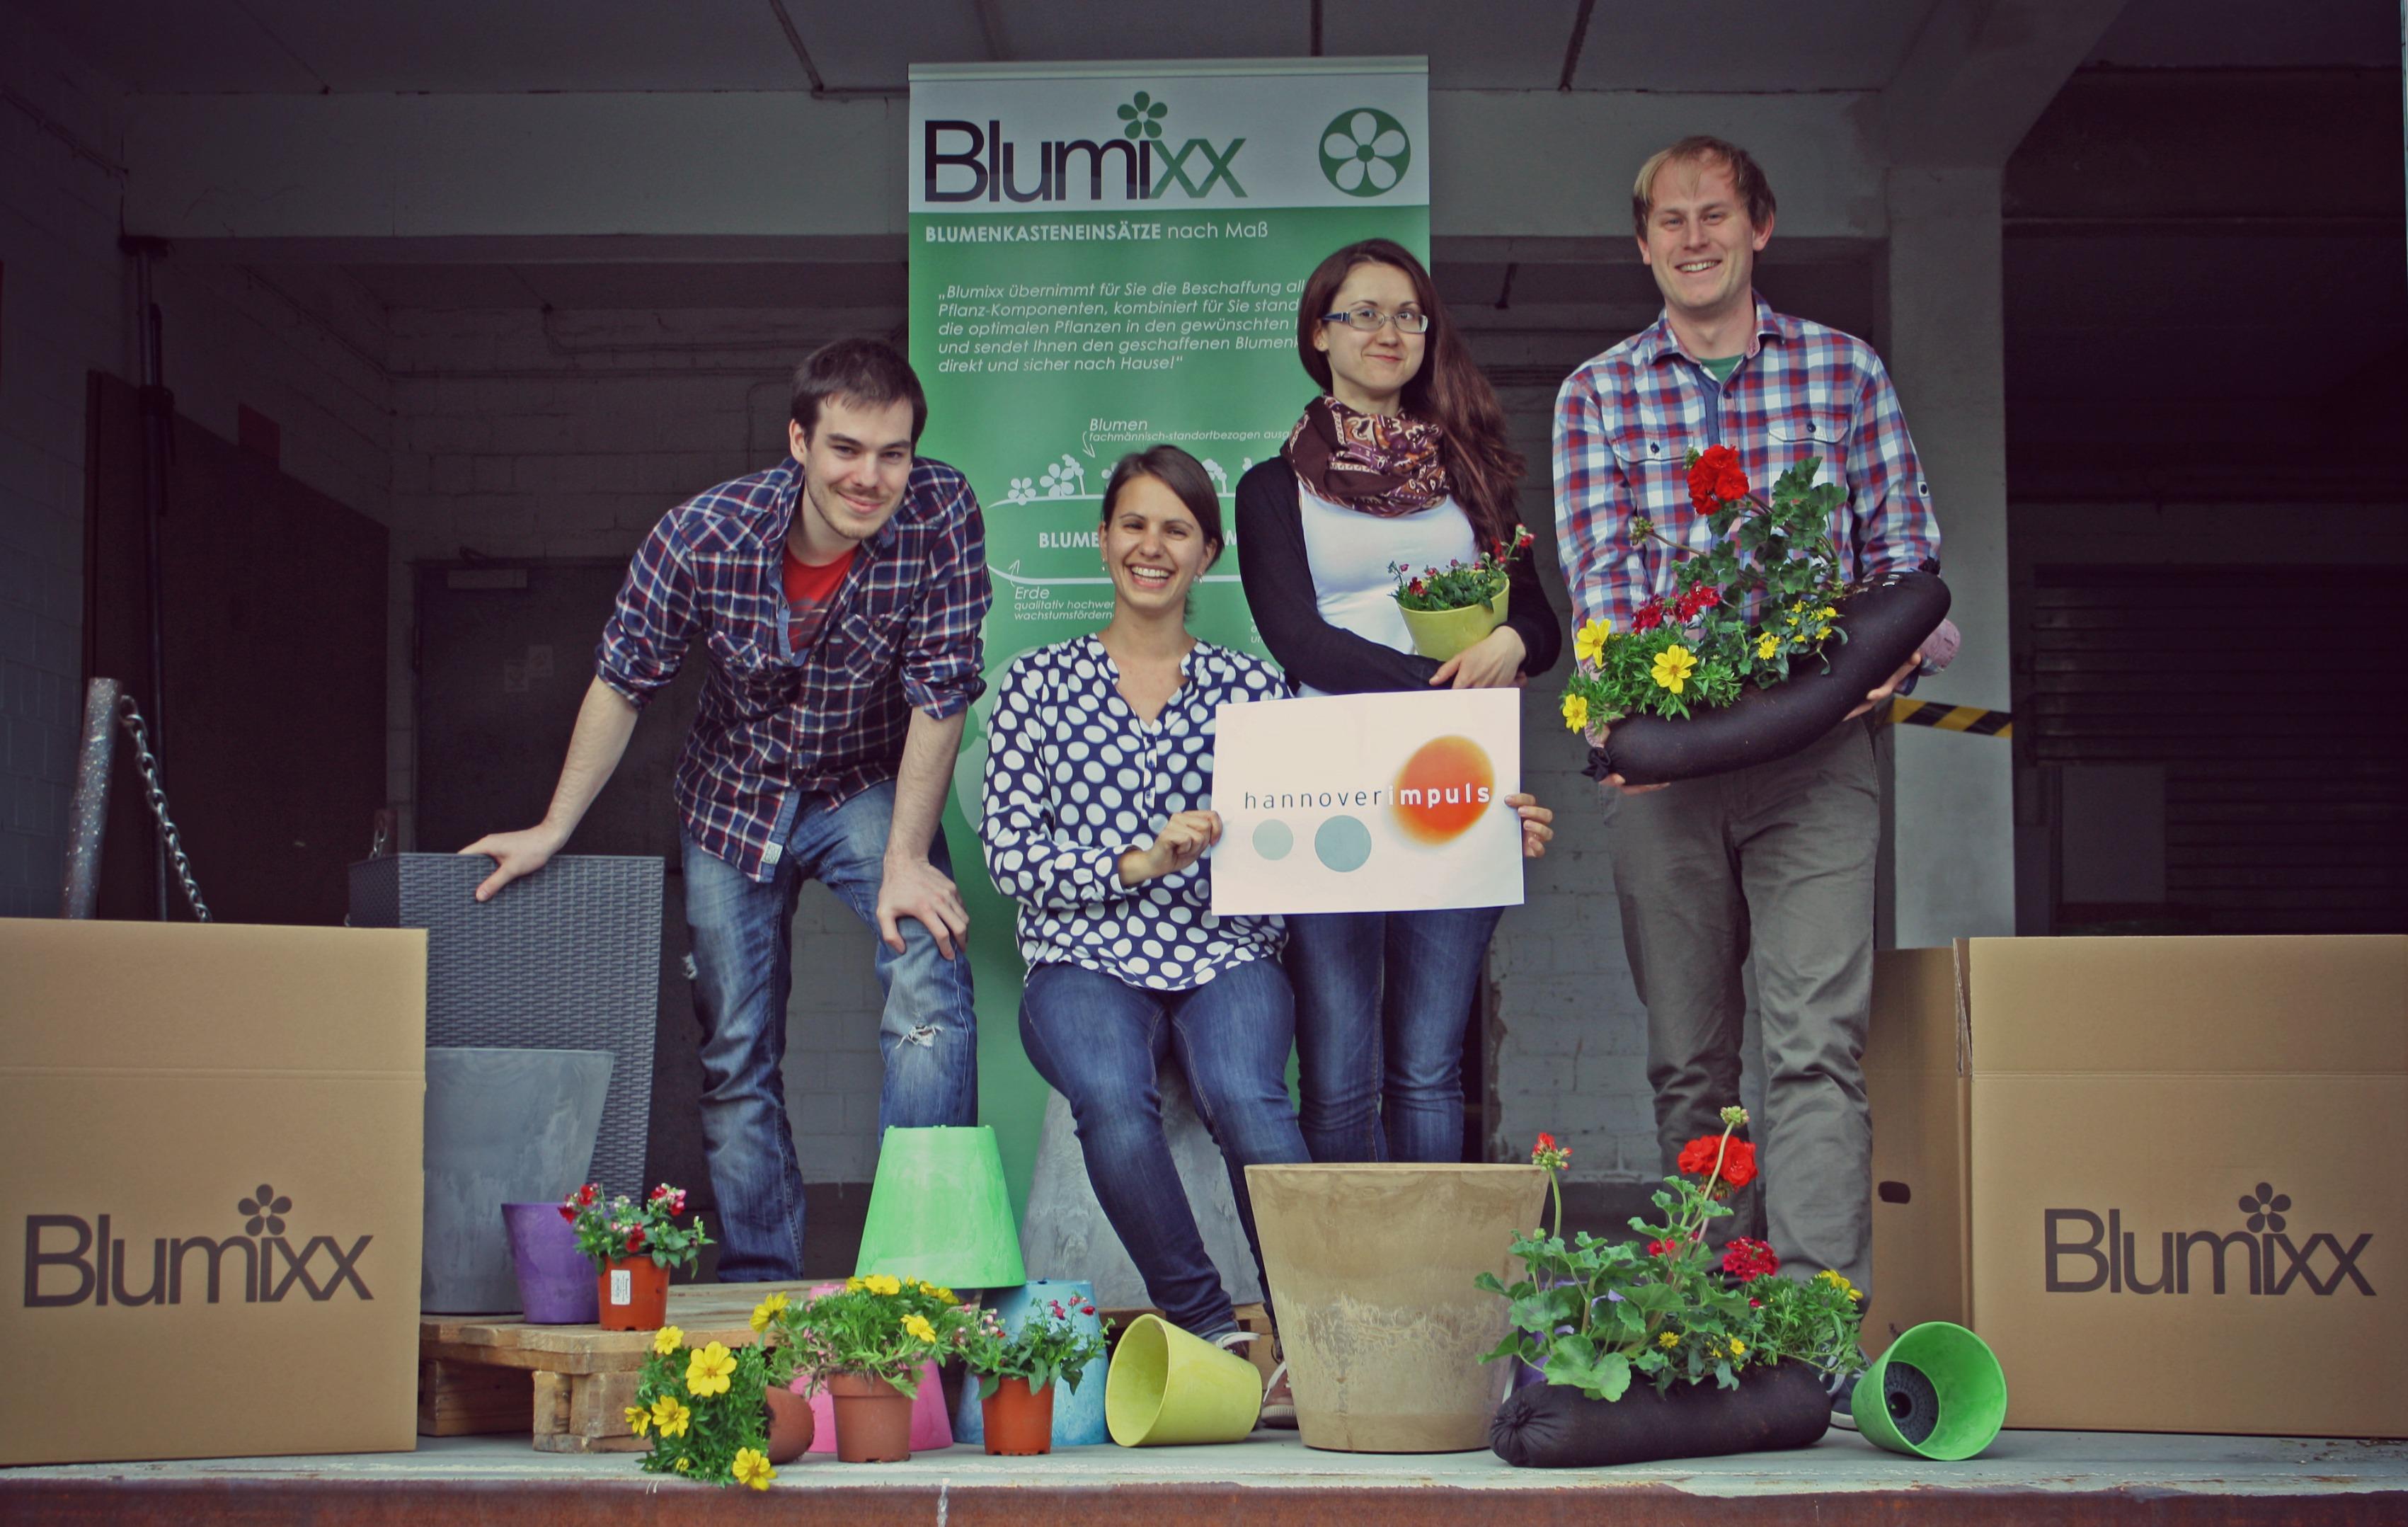 blumixx-team